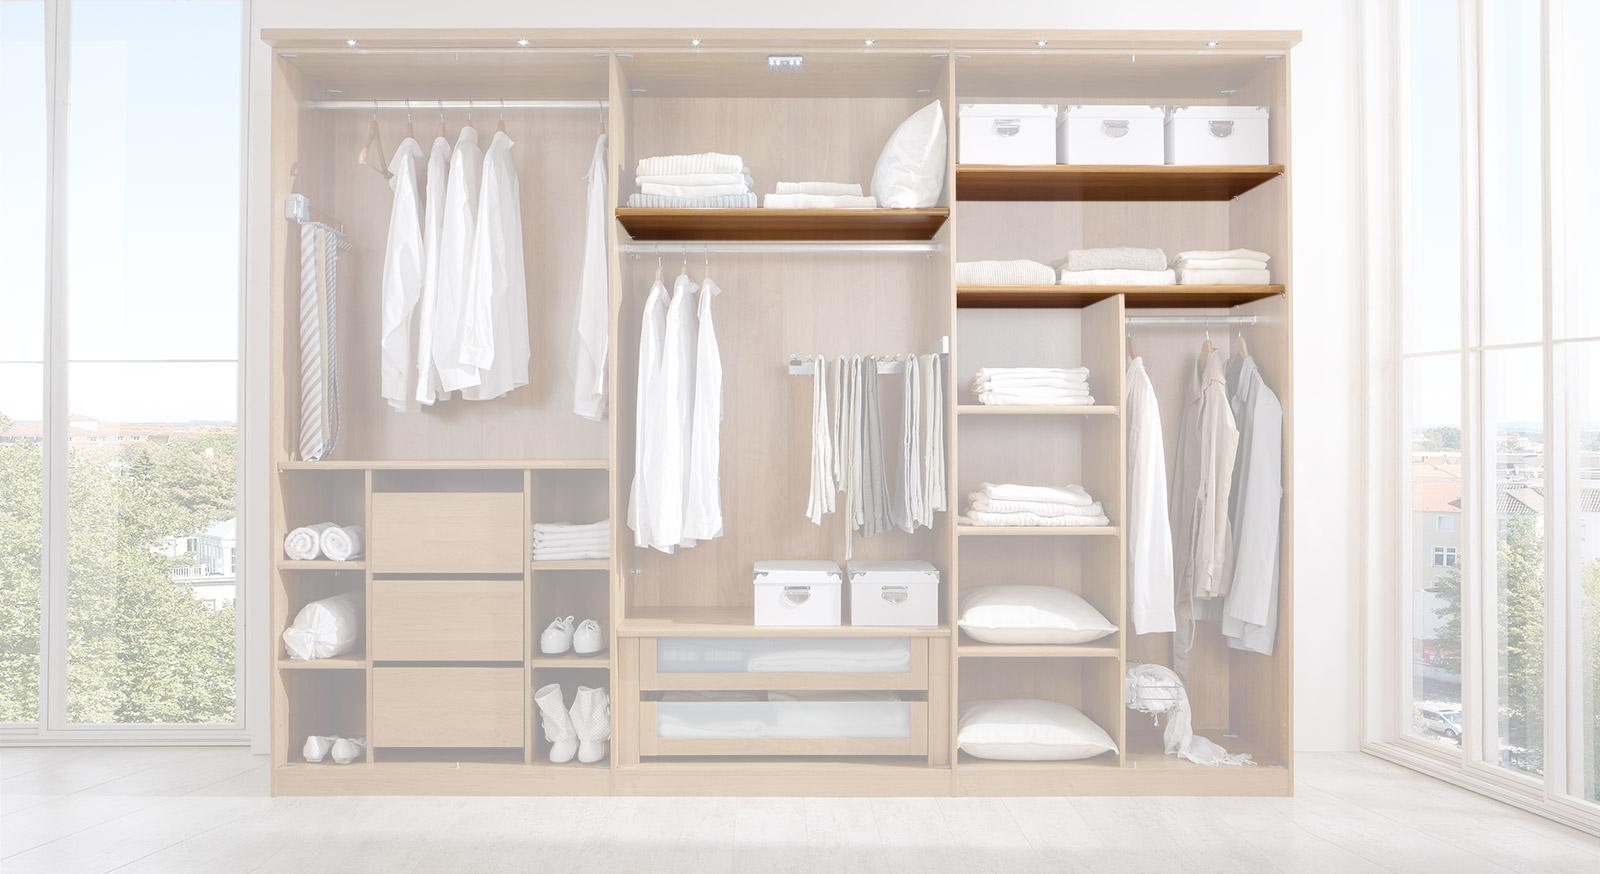 Breiter Einlegeboden der Innenausstattung für Kleiderschränke